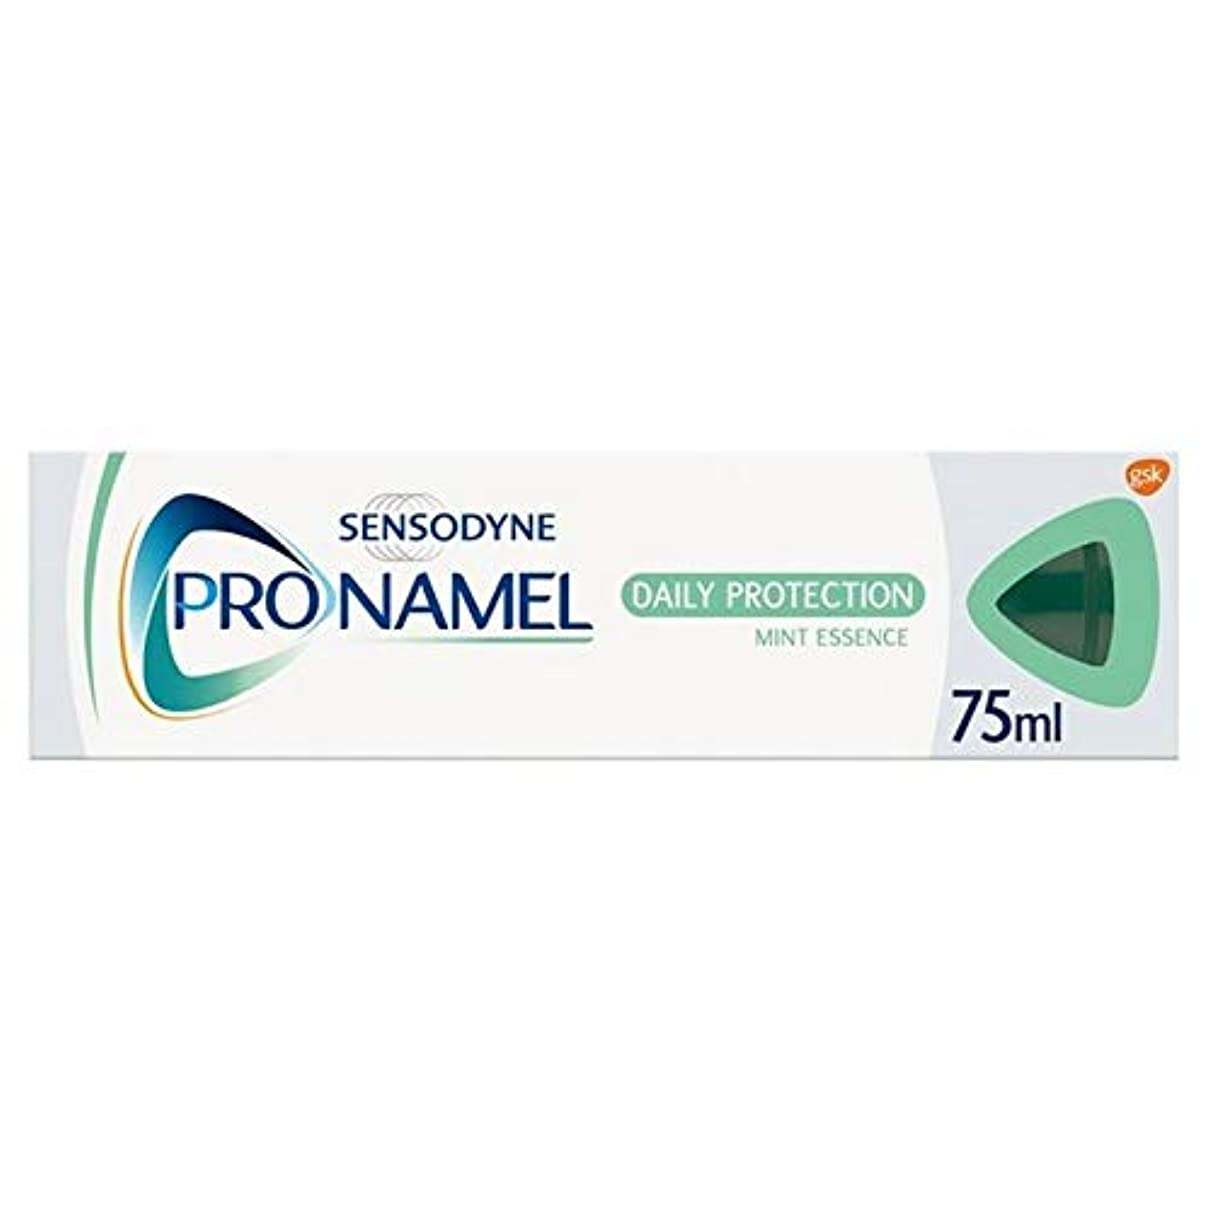 ばかげている帰るかご[Sensodyne] SensodyneのPronamel毎日保護エナメルケア歯磨き粉75ミリリットル - Sensodyne Pronamel Daily Protection Enamel Care Toothpaste...